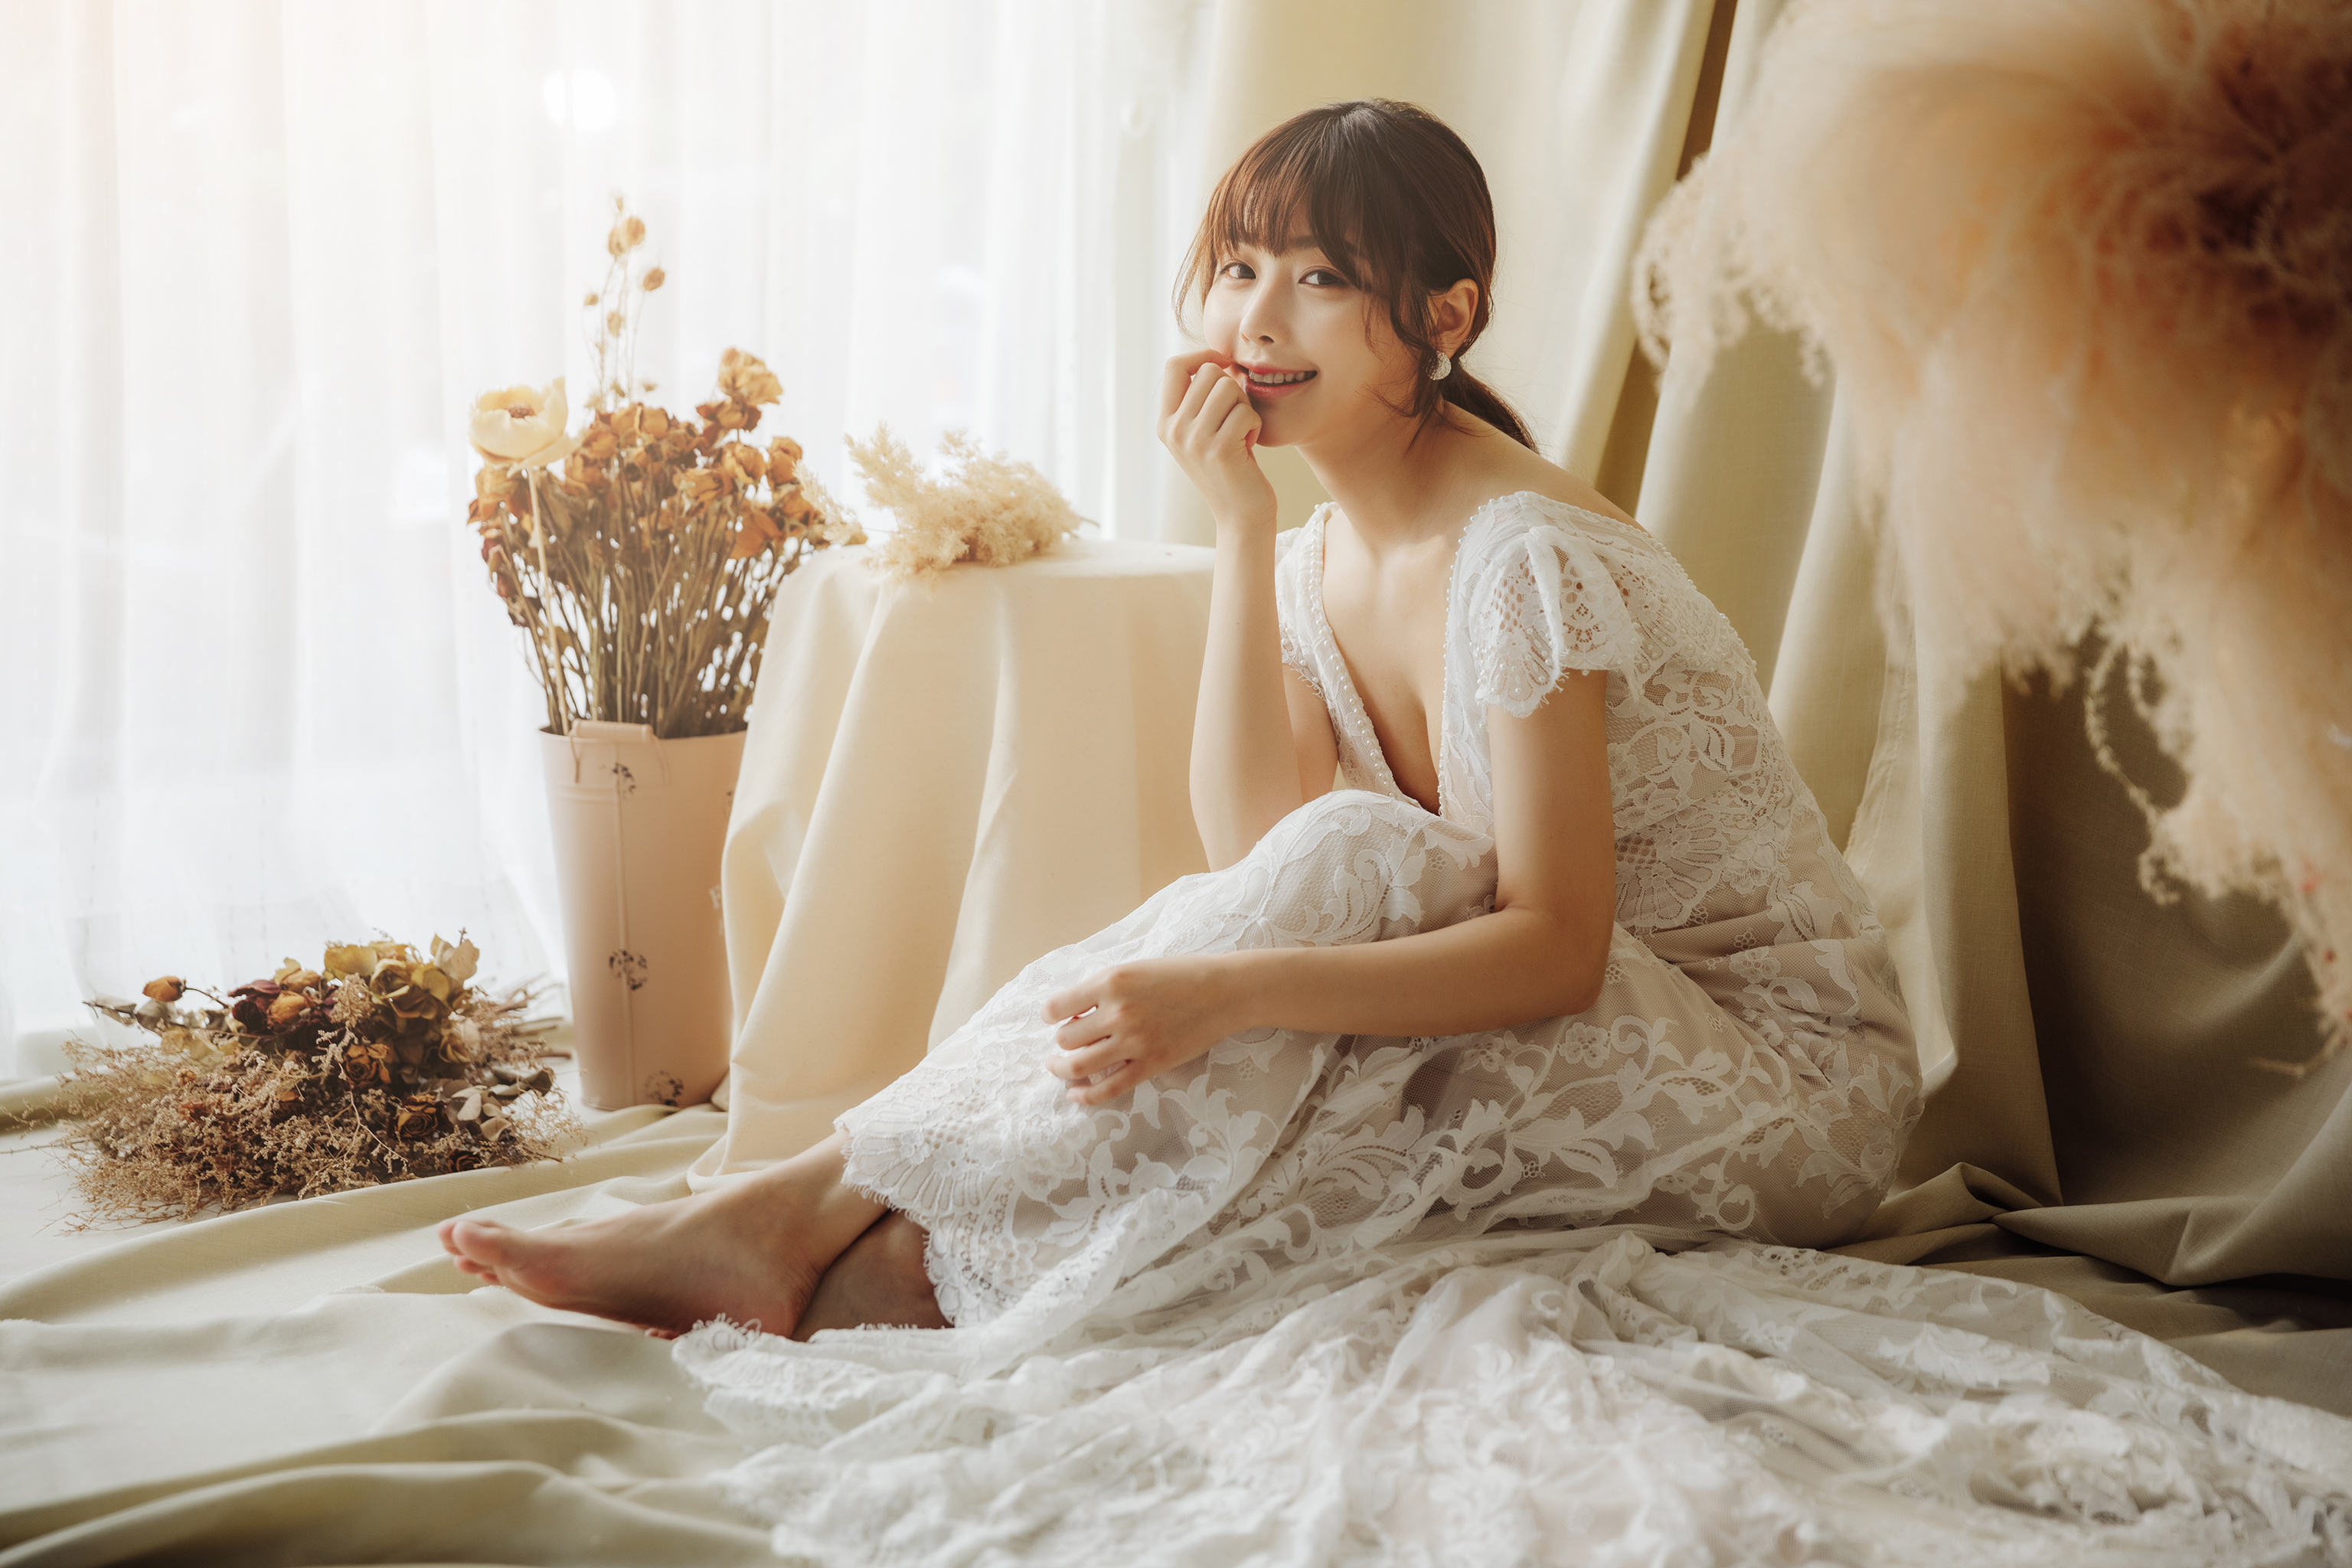 48956976676 884f5db790 o - 【自主婚紗】+Yu+